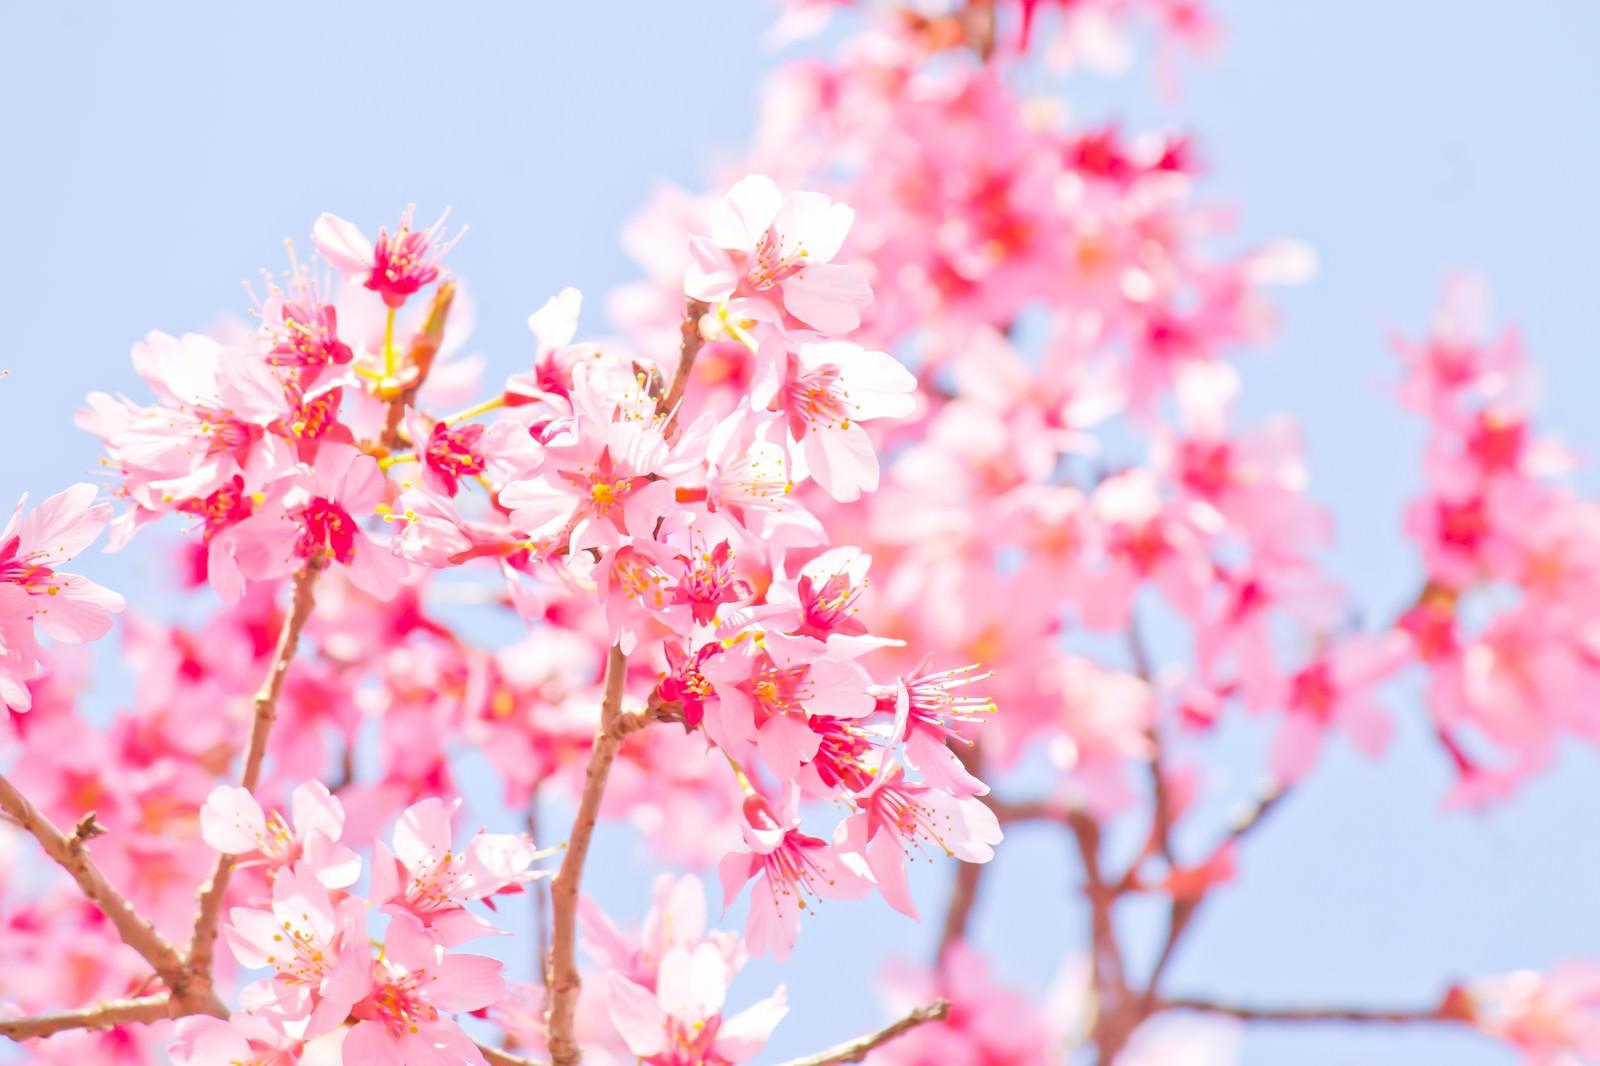 「暖かな日差しと桜」の写真